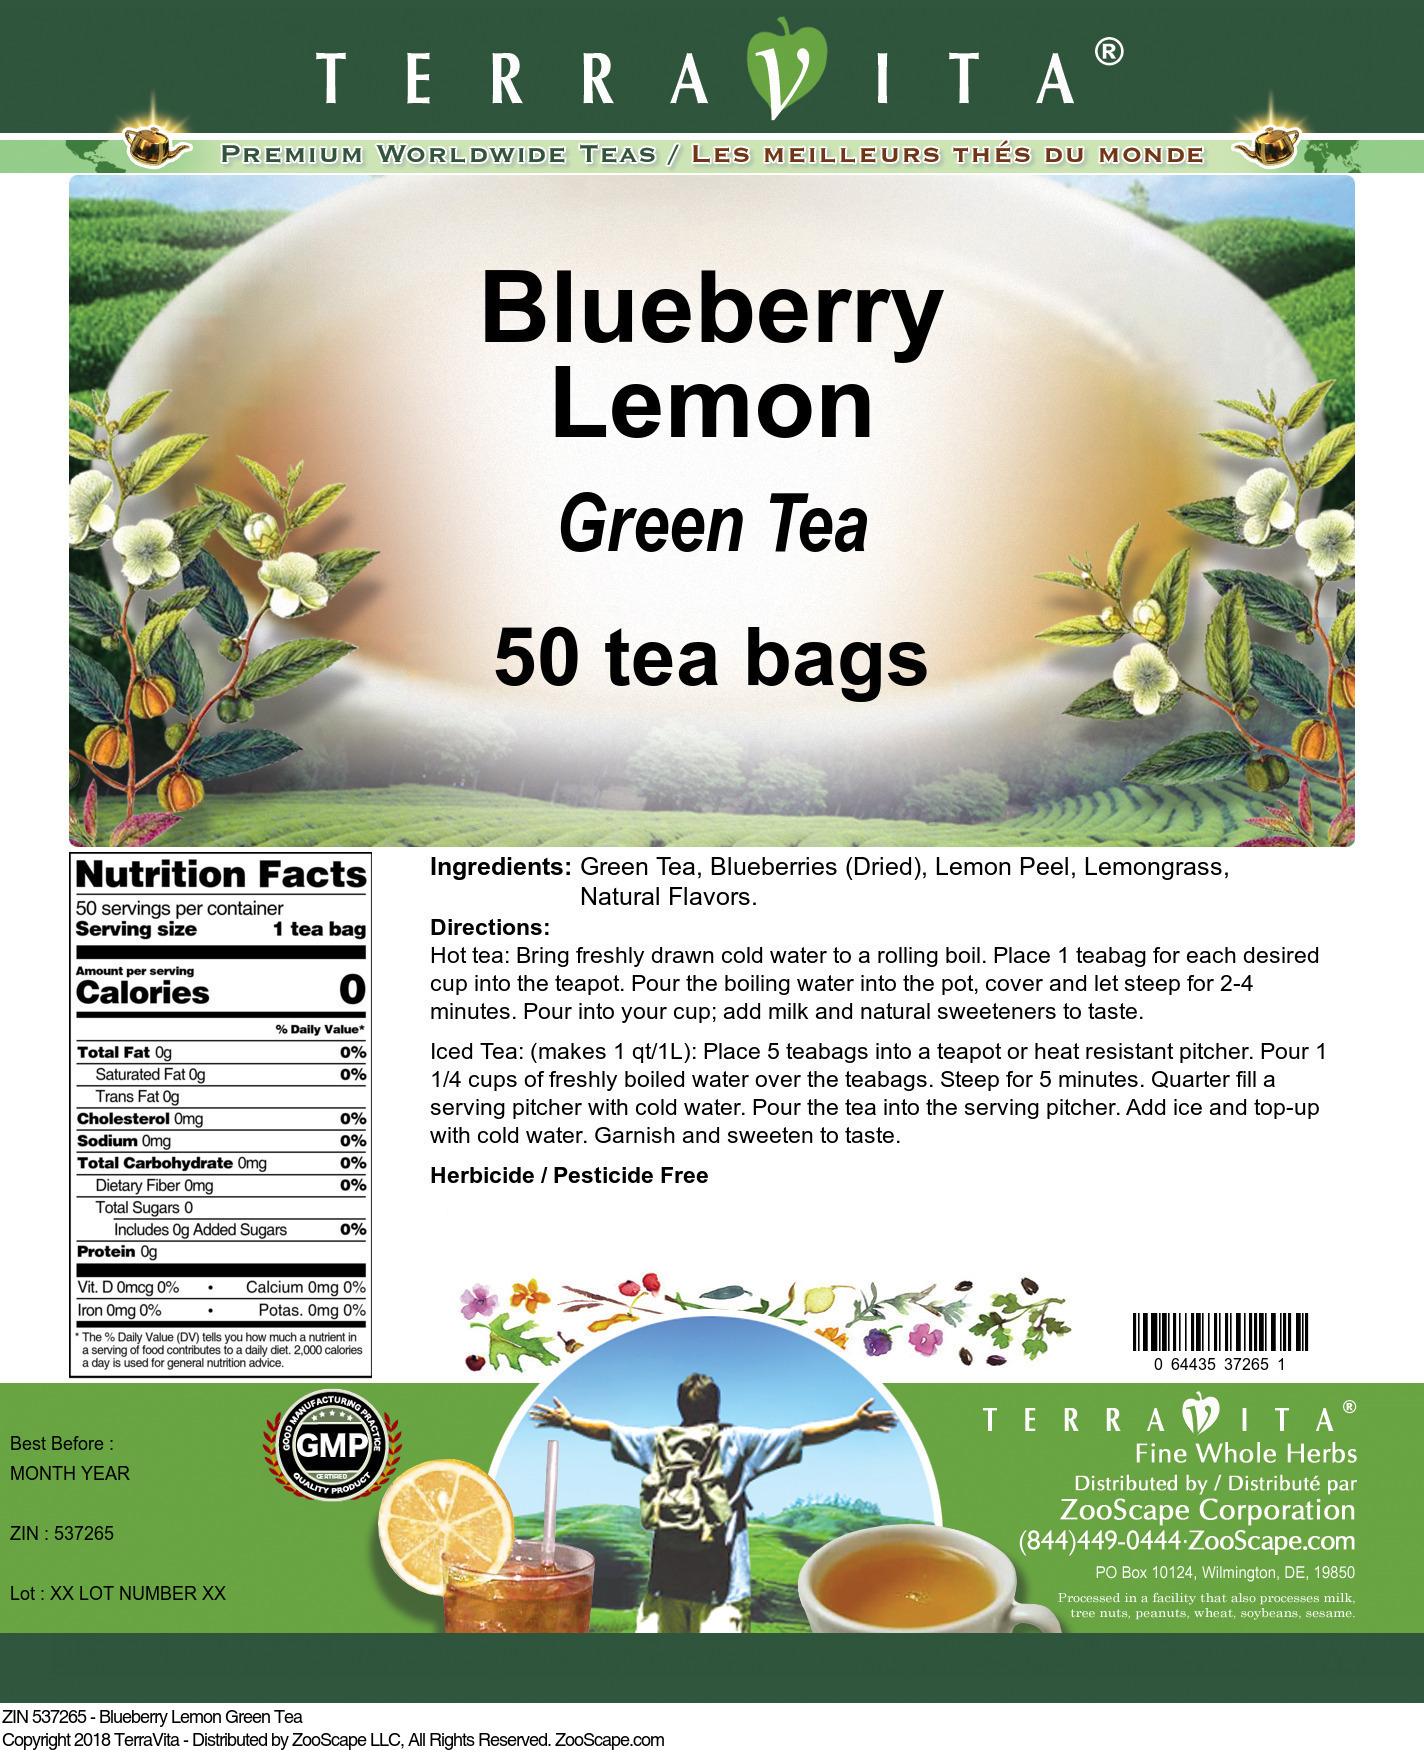 Blueberry Lemon Green Tea